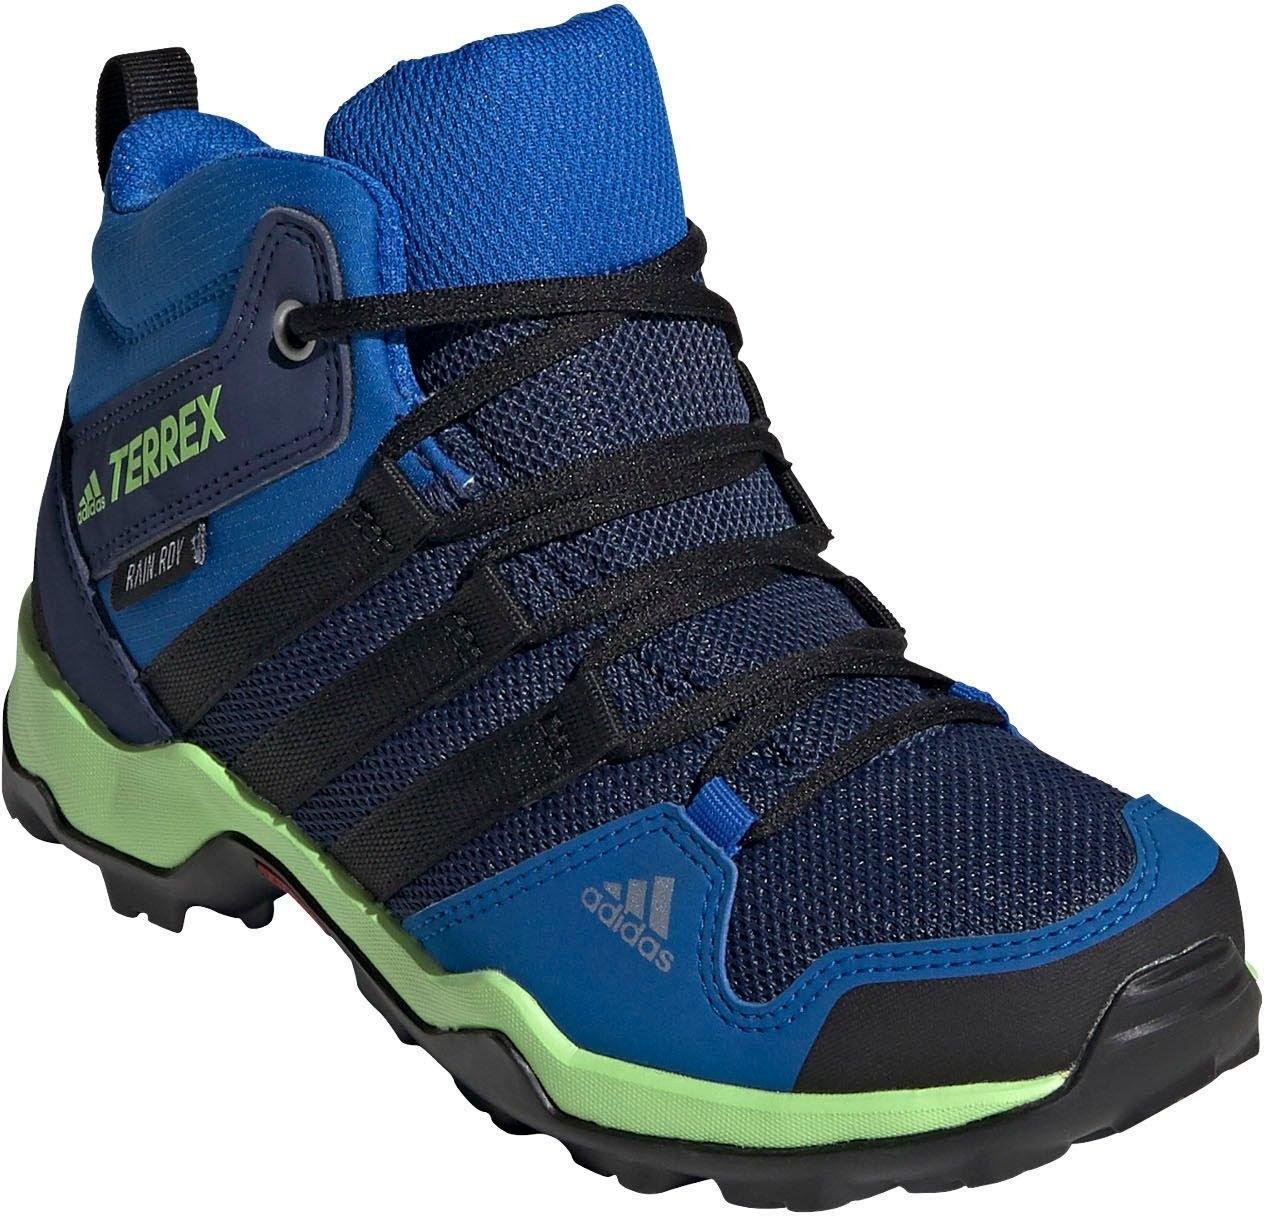 Op zoek naar een adidas Terrex outdoorschoenen »AX2R MID CP K«? Koop online bij OTTO